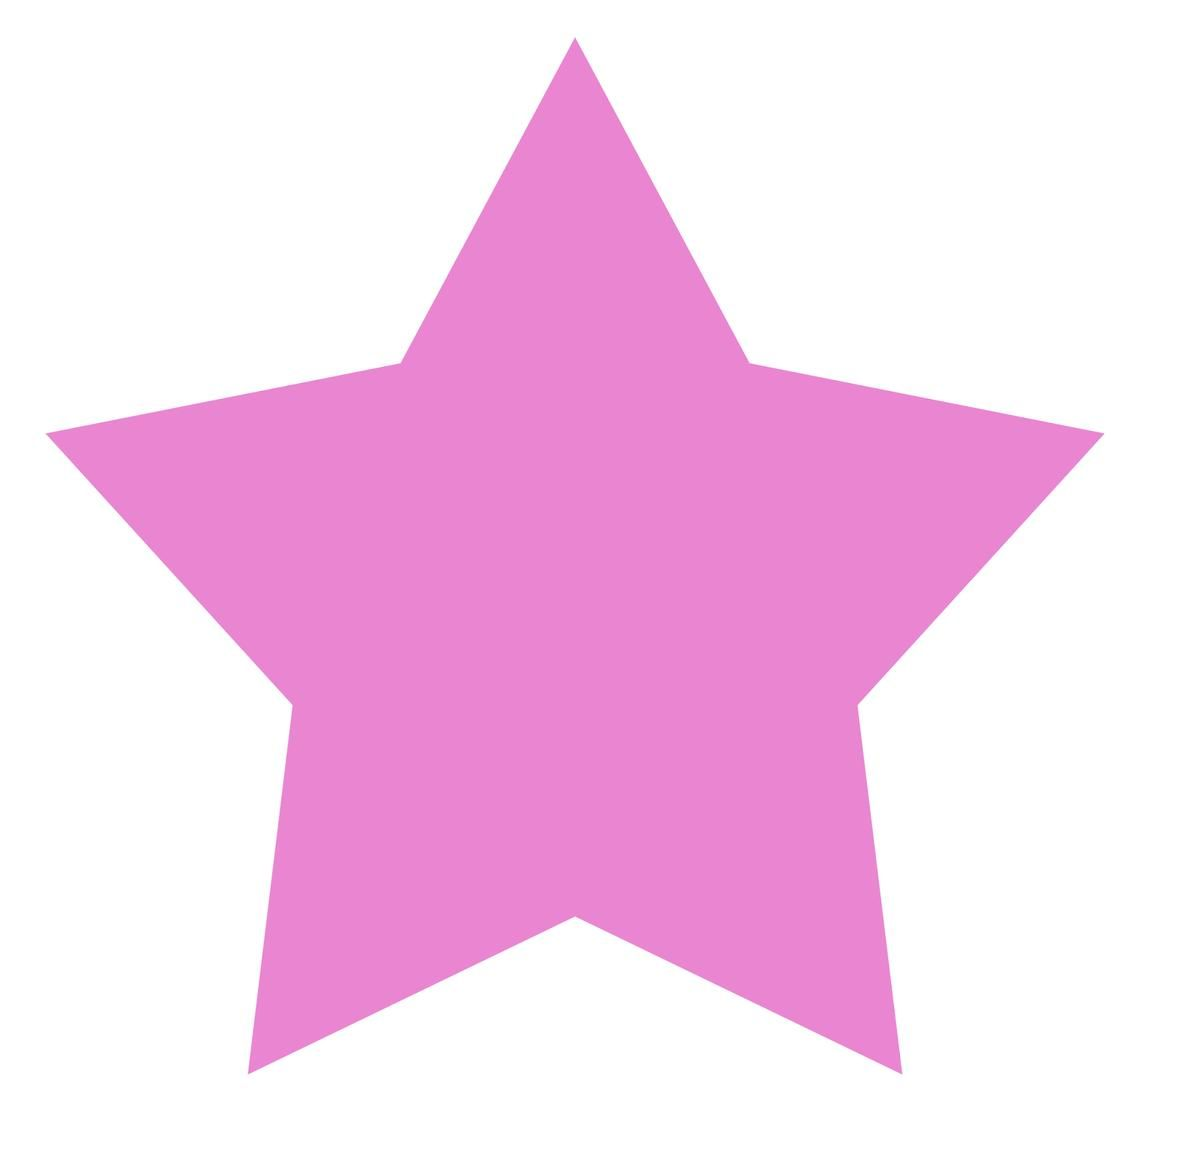 Plantillas De Estrellas Para Decorar.Molde De Estrellas Para Decorar Cumpeleanos Cosas Lindas